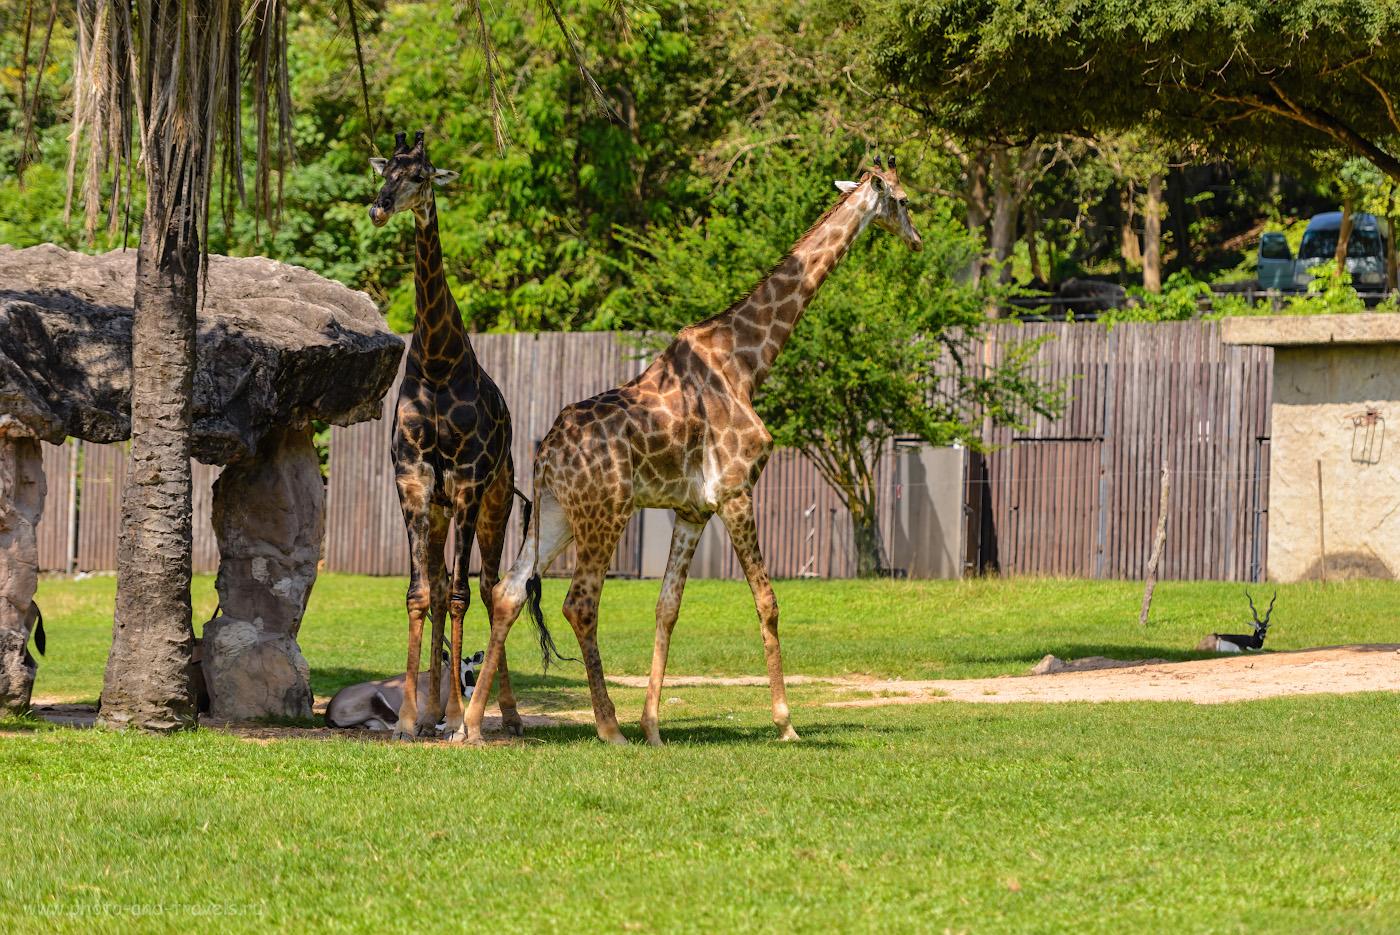 Фотография 10. Парочка жирафов в Khao Kheow Open Zoo. Где можно устроить сафари в окрестностях Паттайи. 1/1000, 2.8, 100, 155.